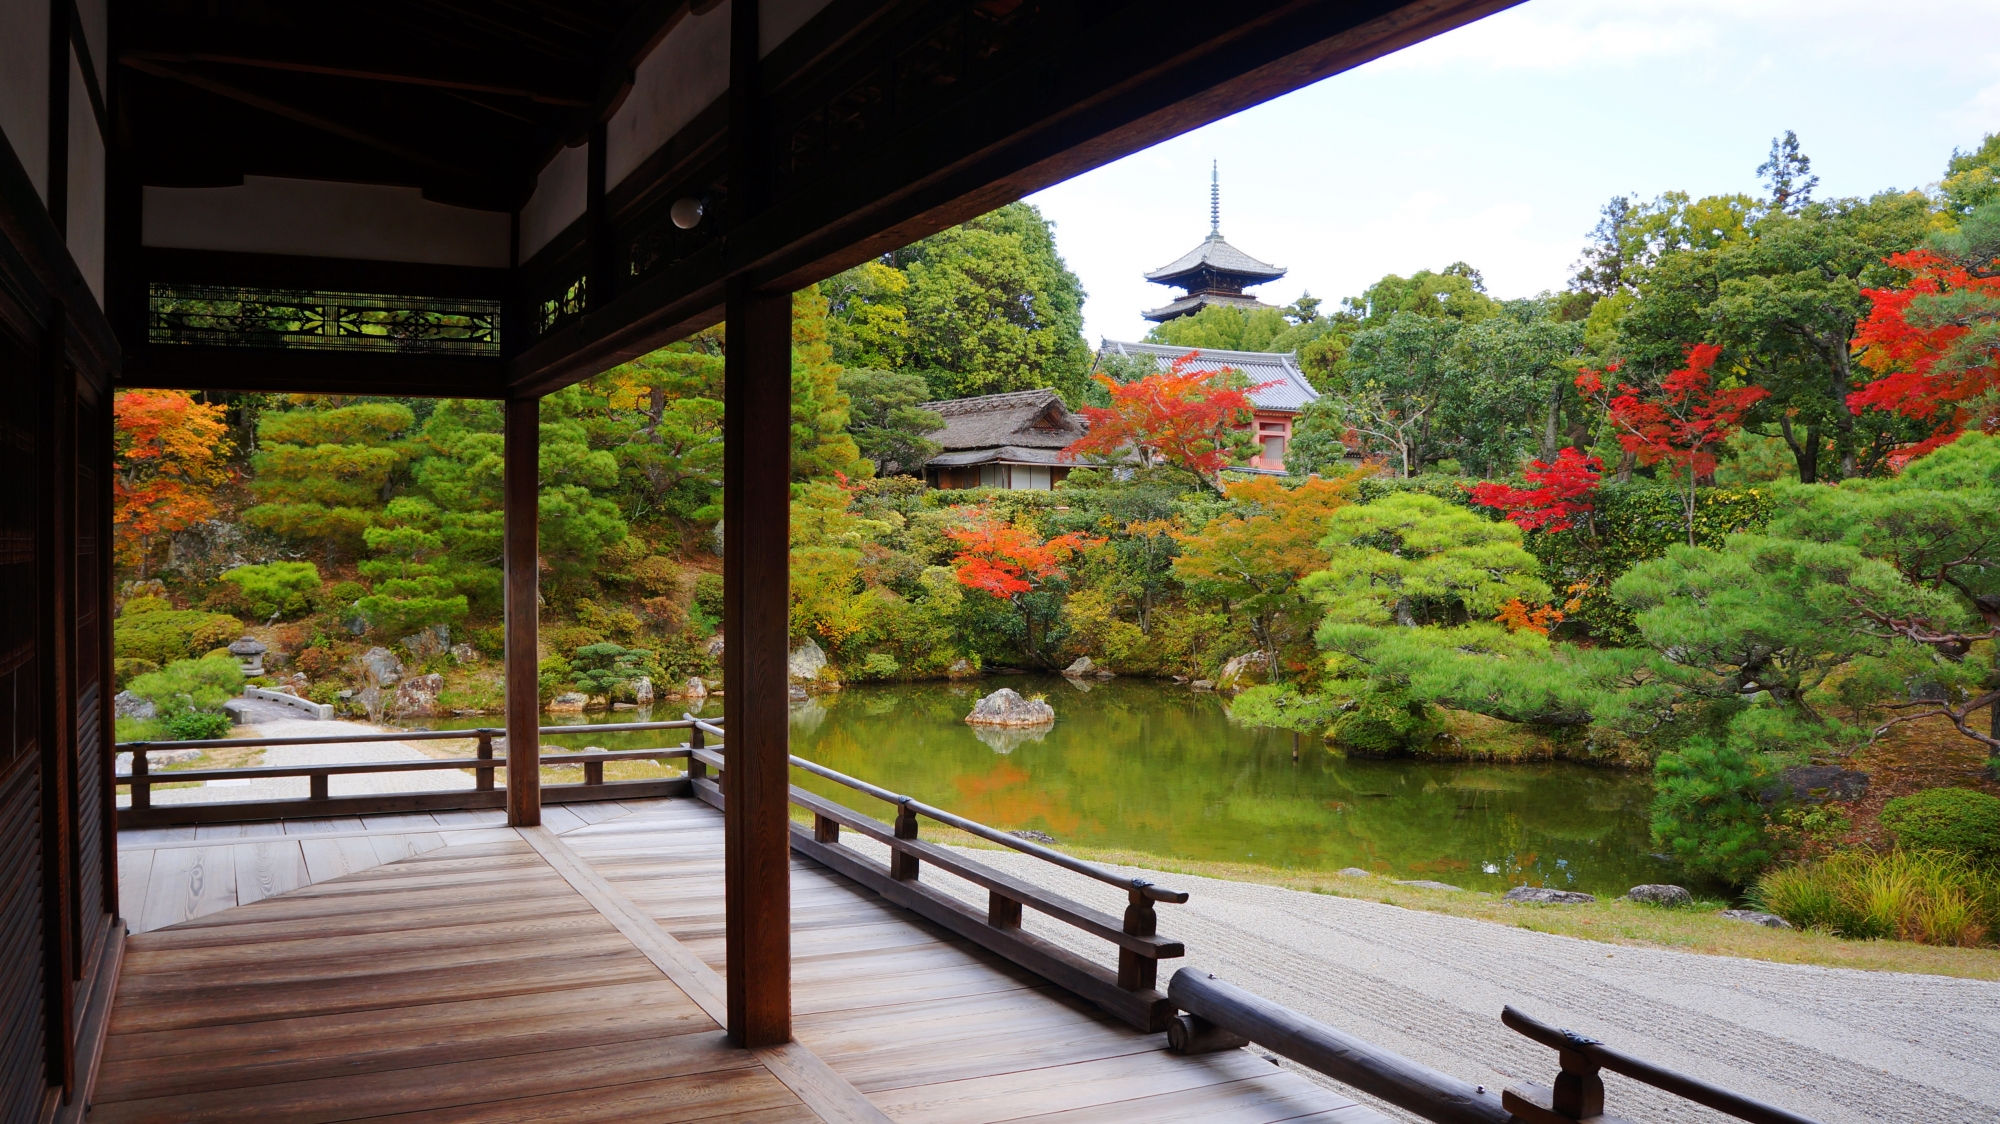 美しい庭園の緑と水辺を華やぐ紅葉